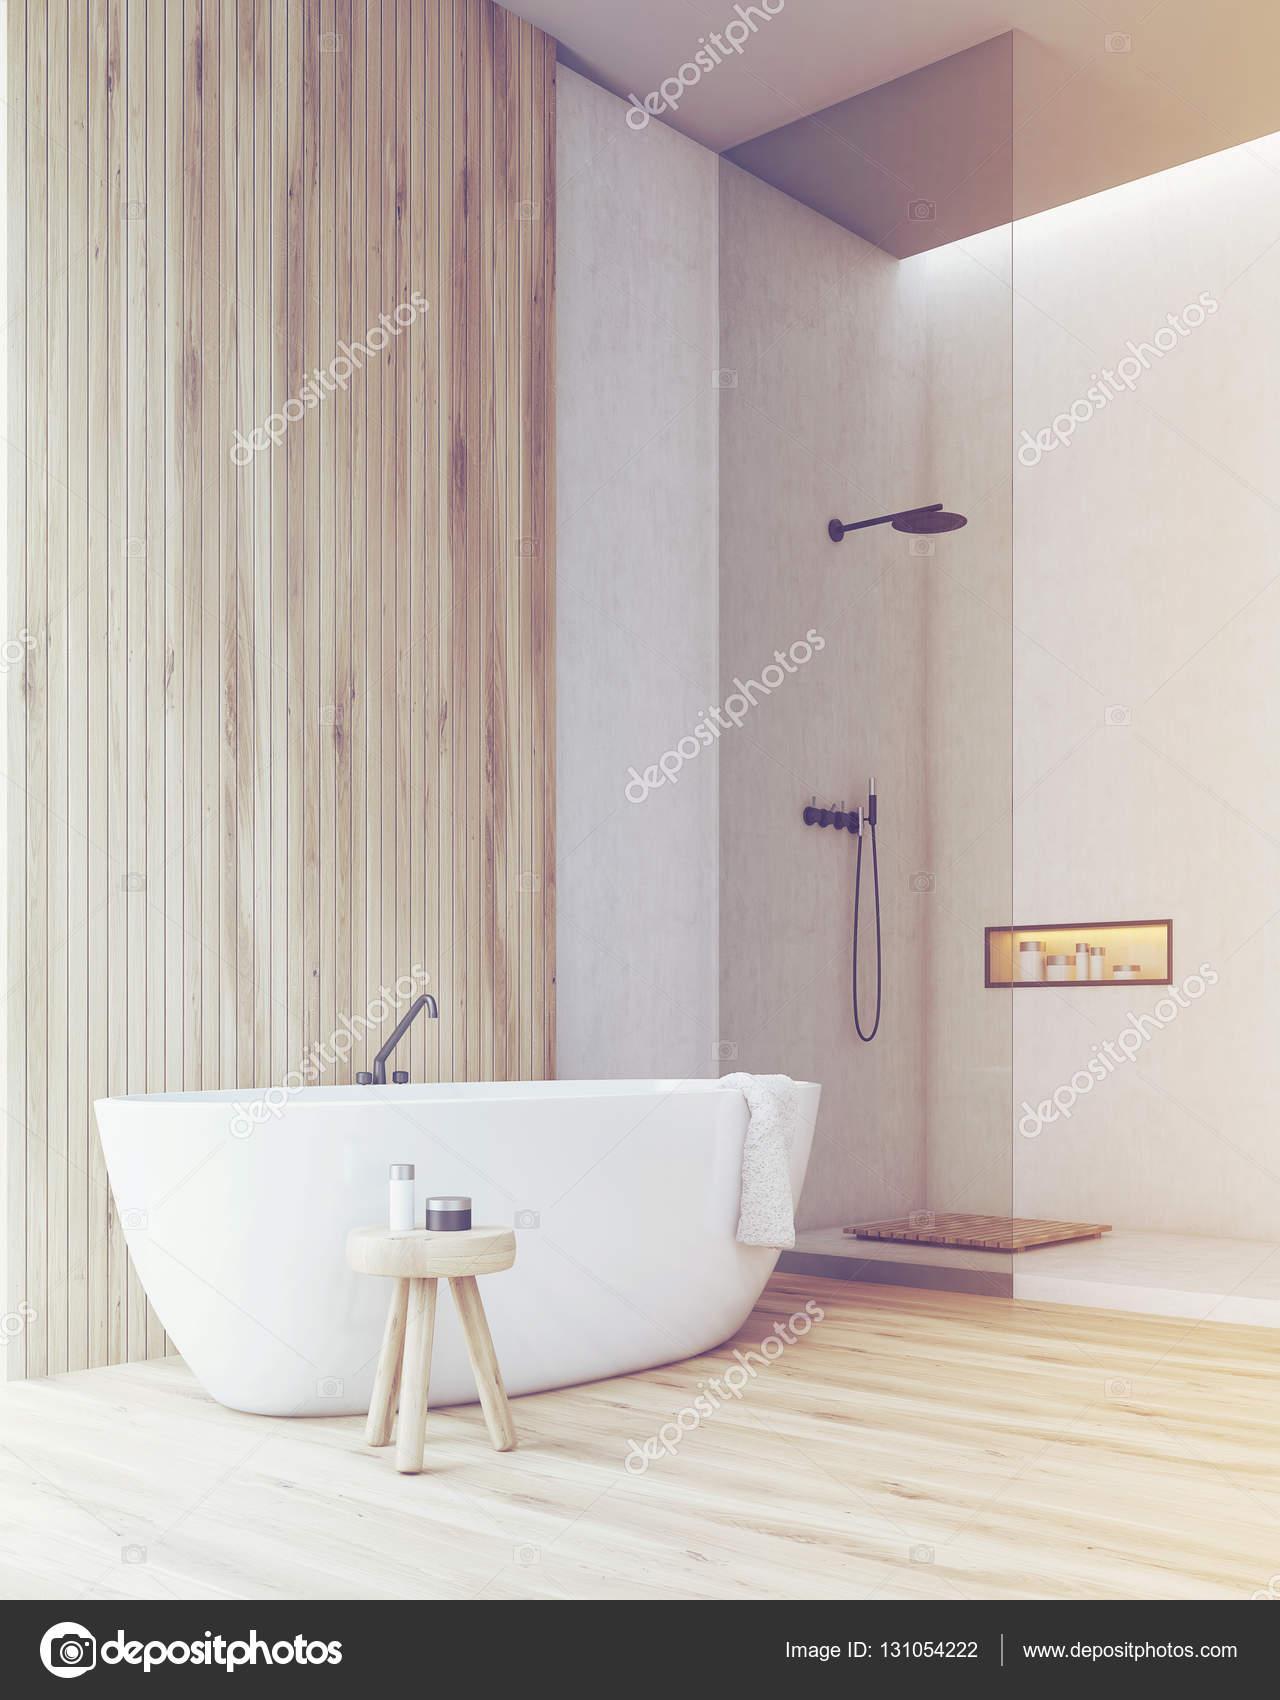 Free di una stanza da bagno con vasca e doccia tonica u for Camminare attraverso la doccia alla vasca